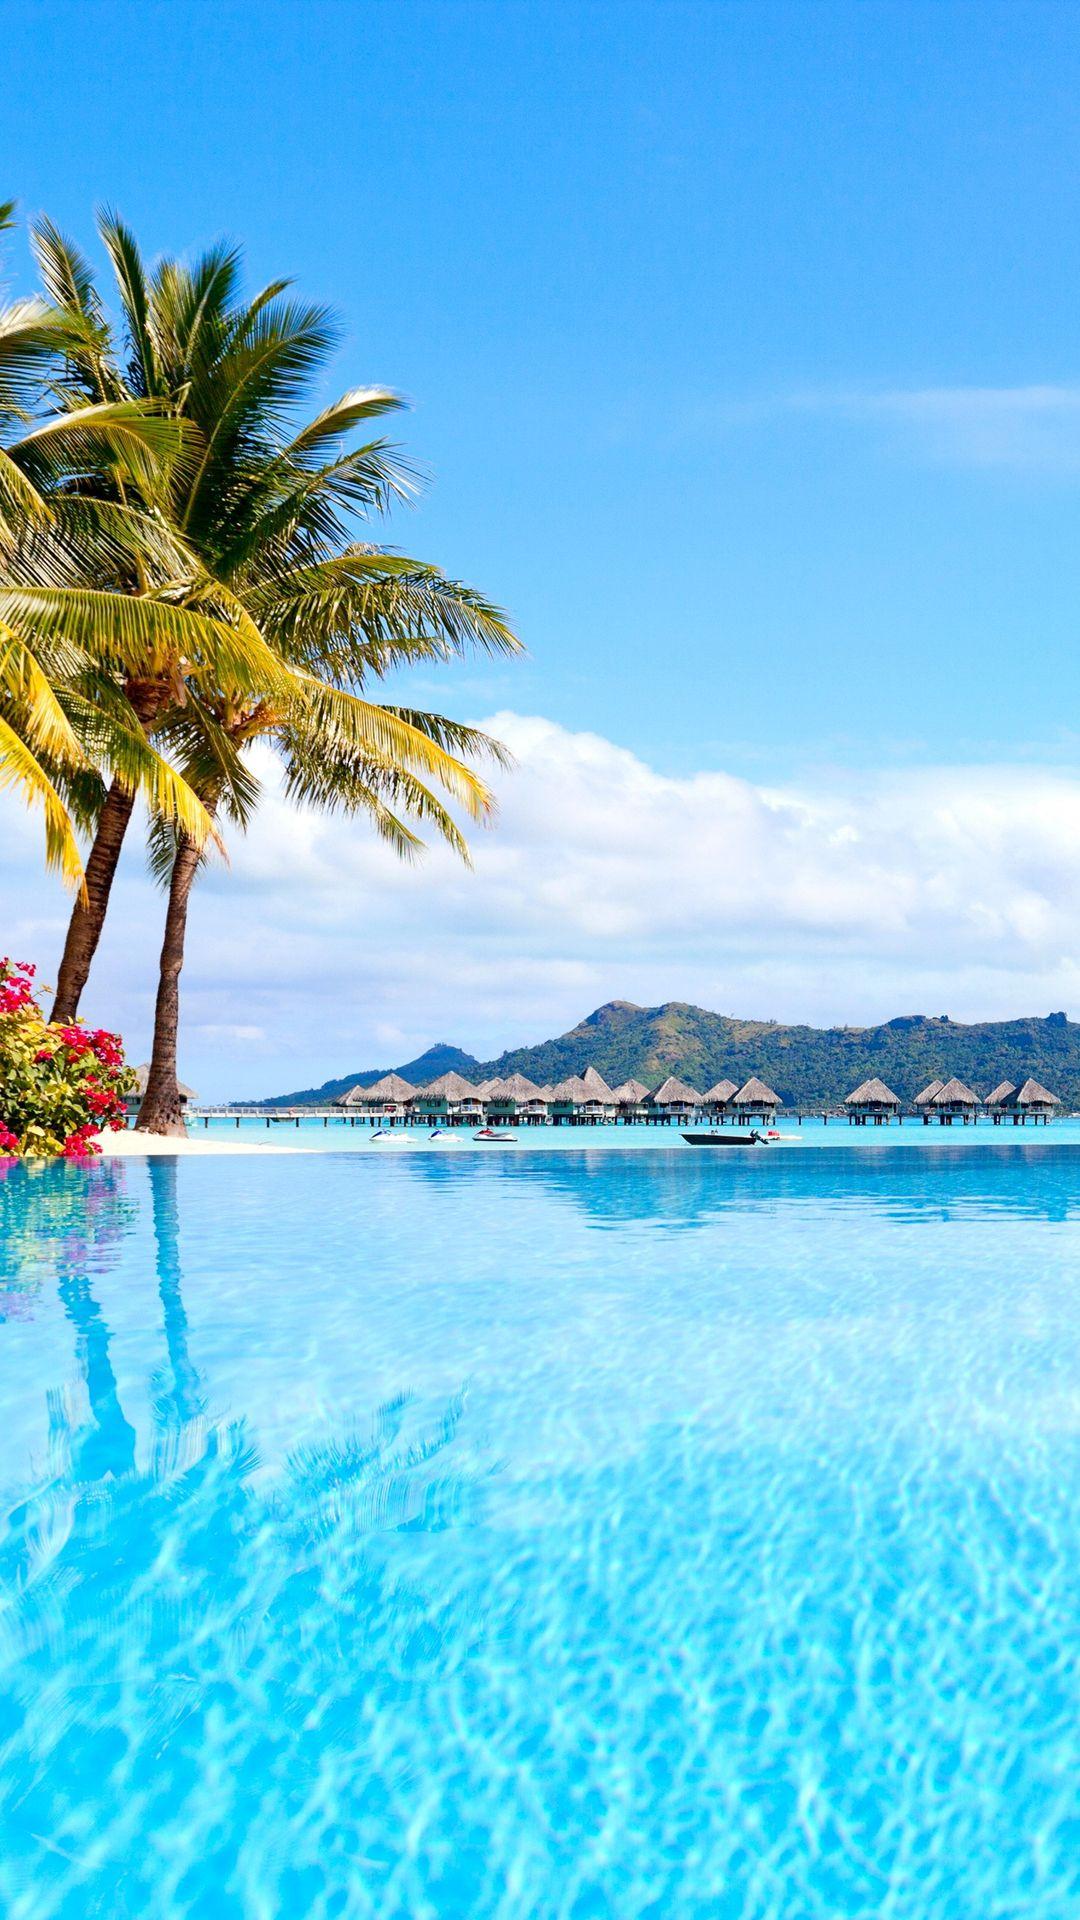 Whv4ziyg1 Jpg 1 080 1 9ピクセル トロピカルビーチ リゾート 美しい風景